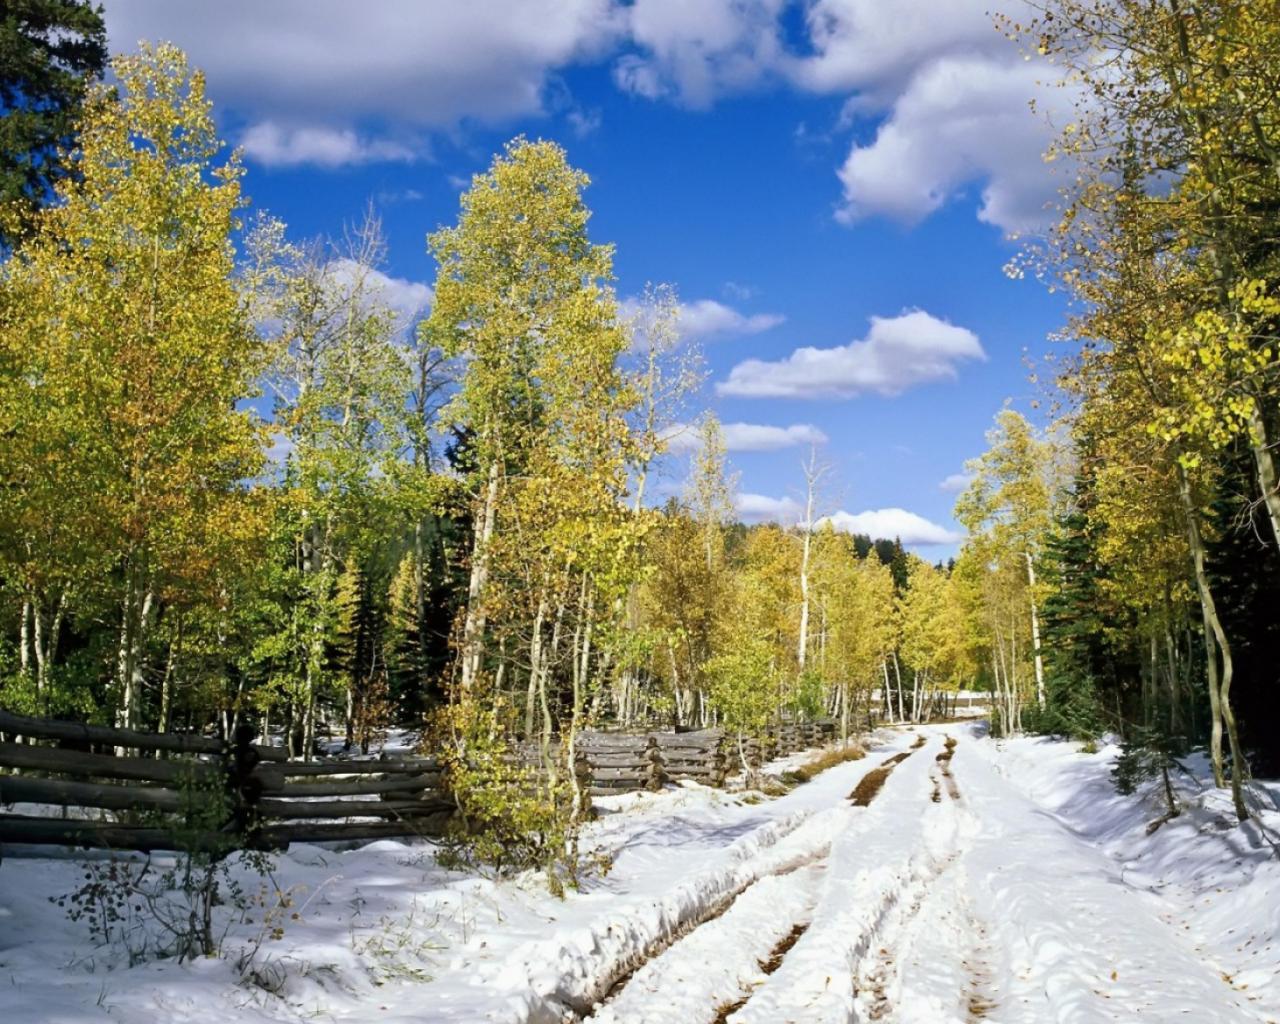 обои на рабочий стол начало зимы природа 2126